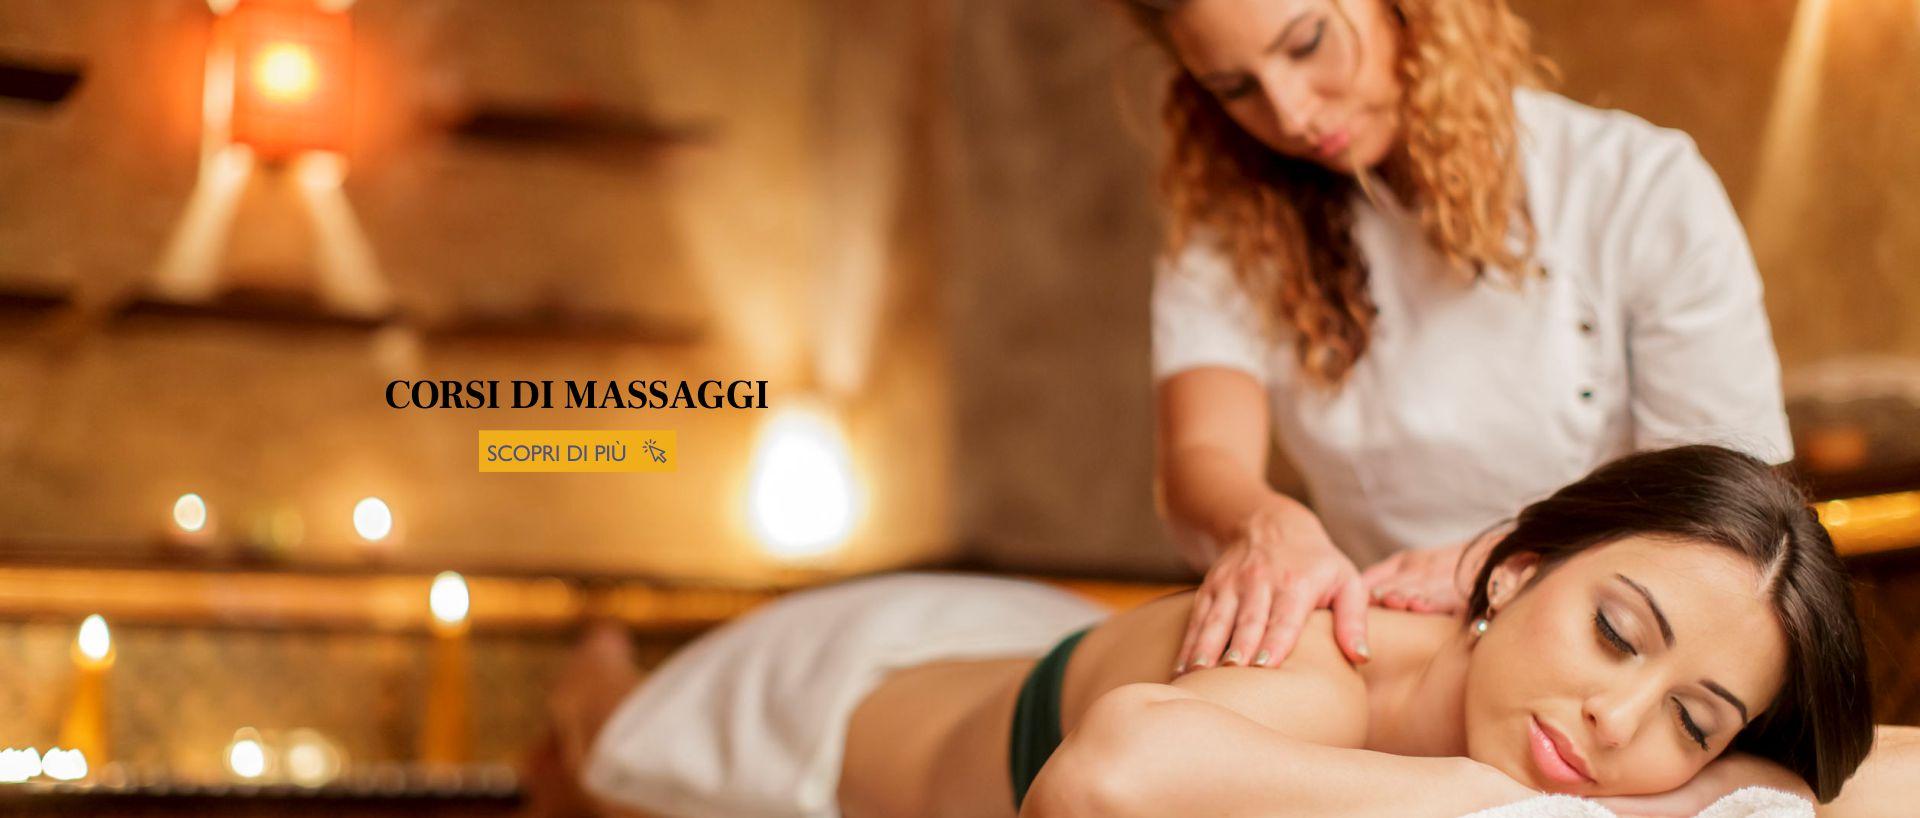 Corsi di Massaggi Bari